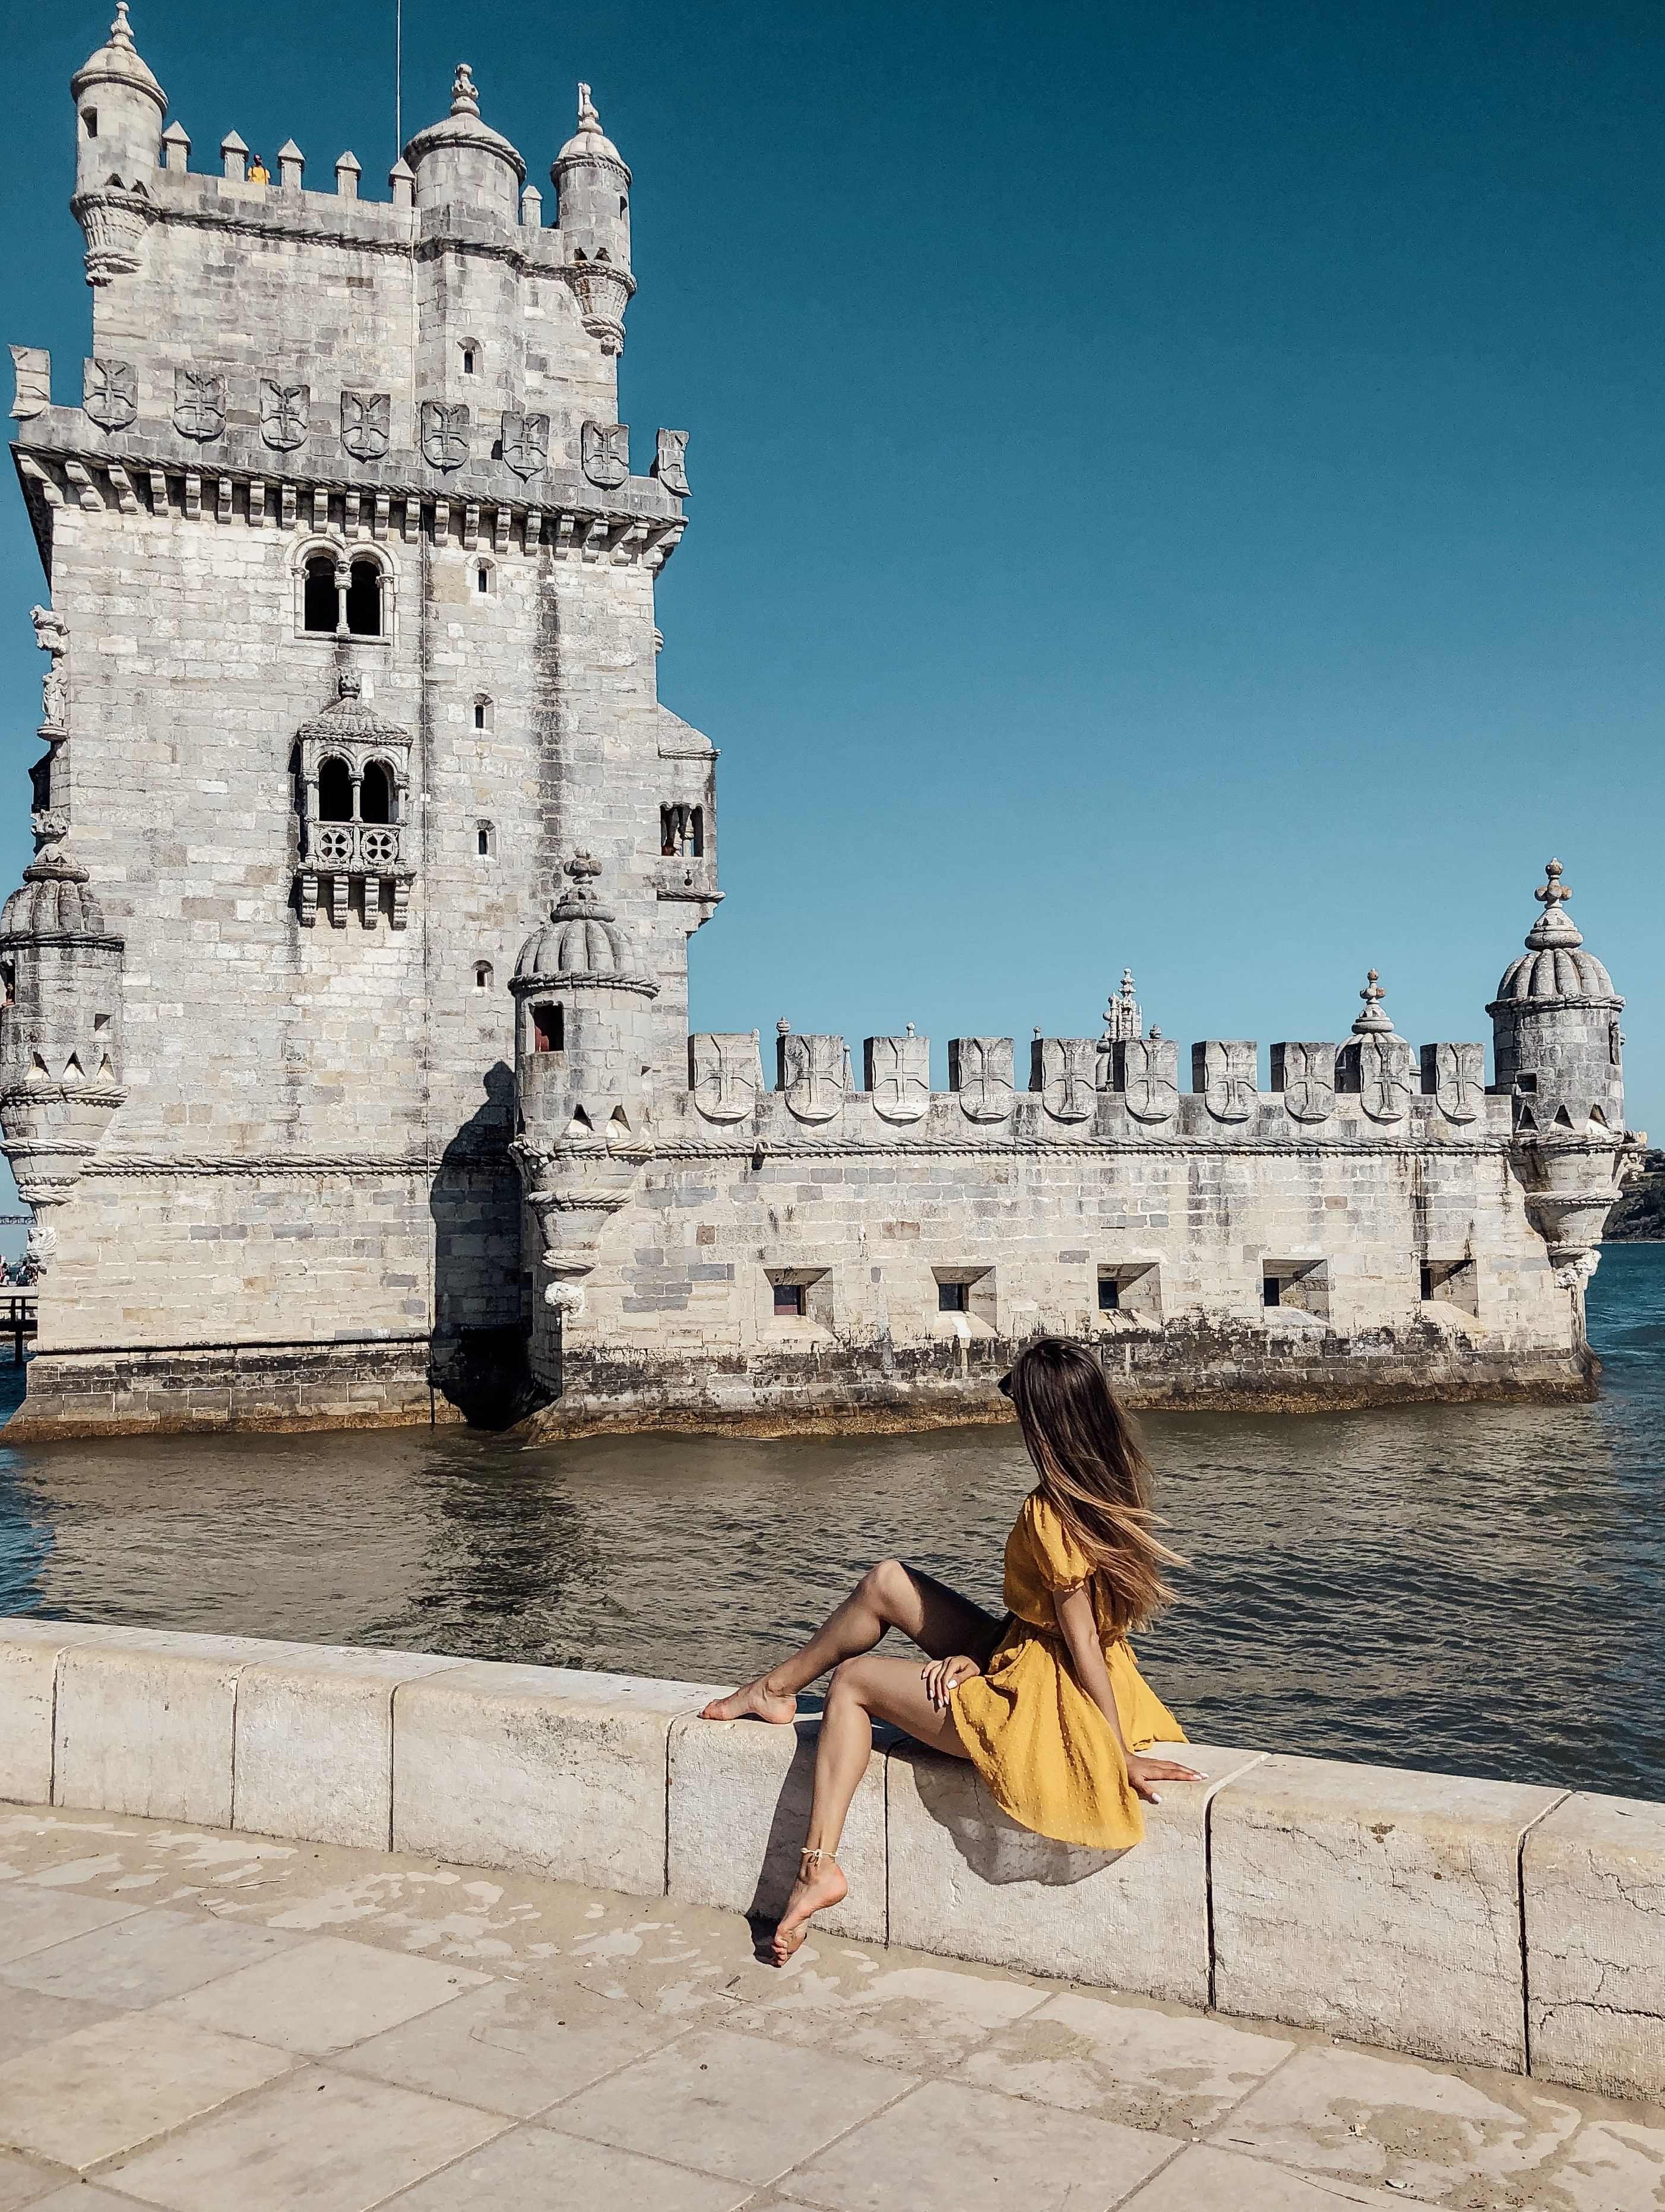 черноземья португалия фото путешествие одной стороны речка